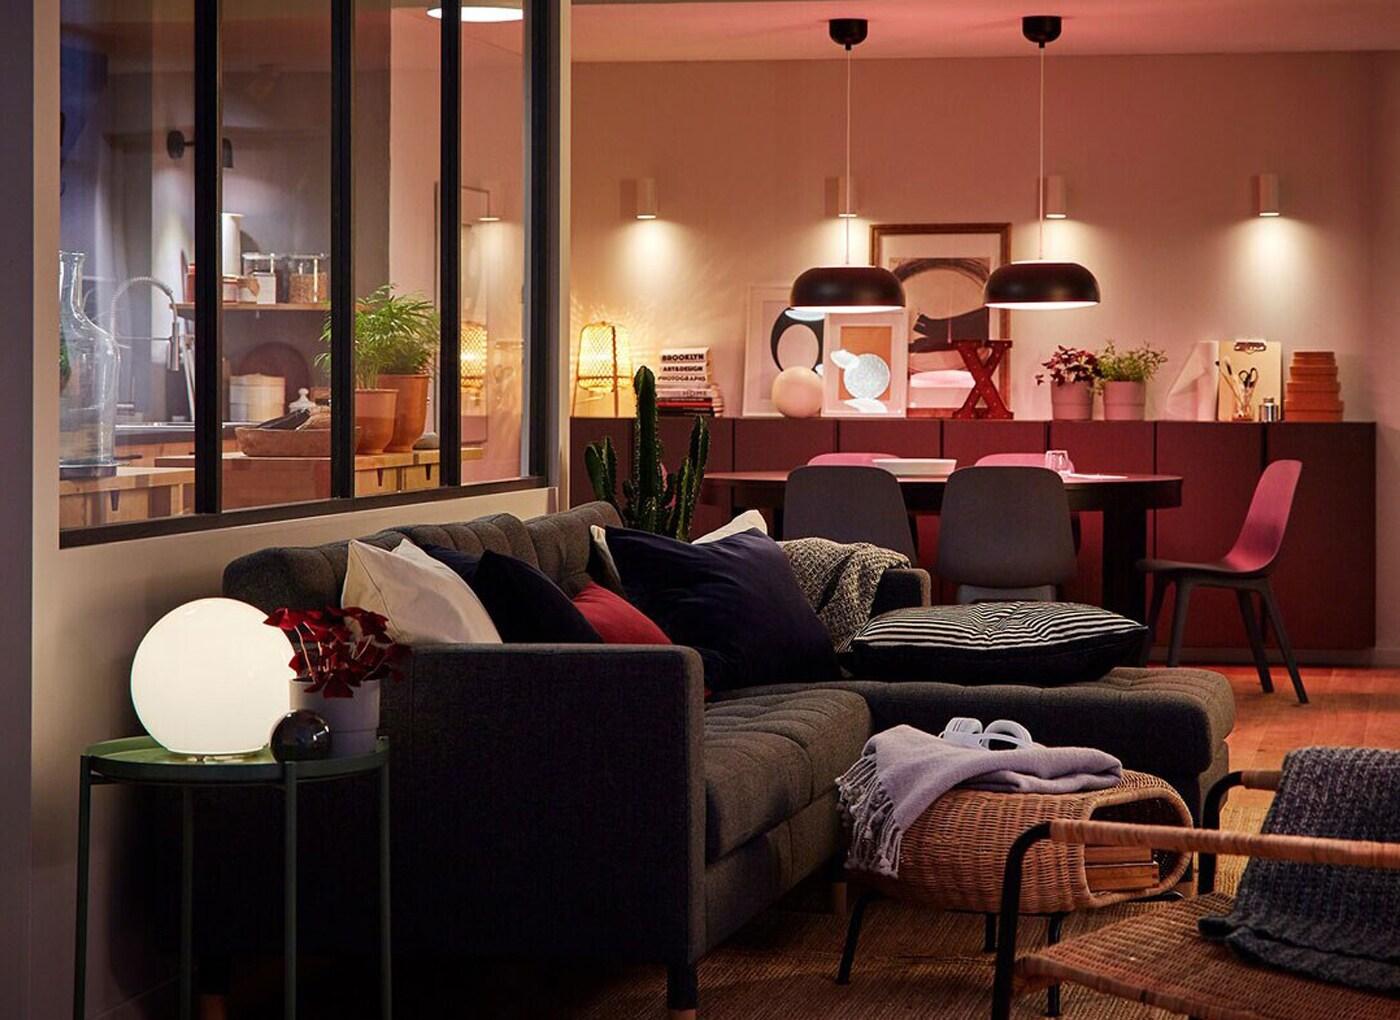 Soggiorno, zona pranzo e cucina in un unico ambiente illuminato da diversi prodotti per l'illuminazione Smart TRÅDFRI - IKEA